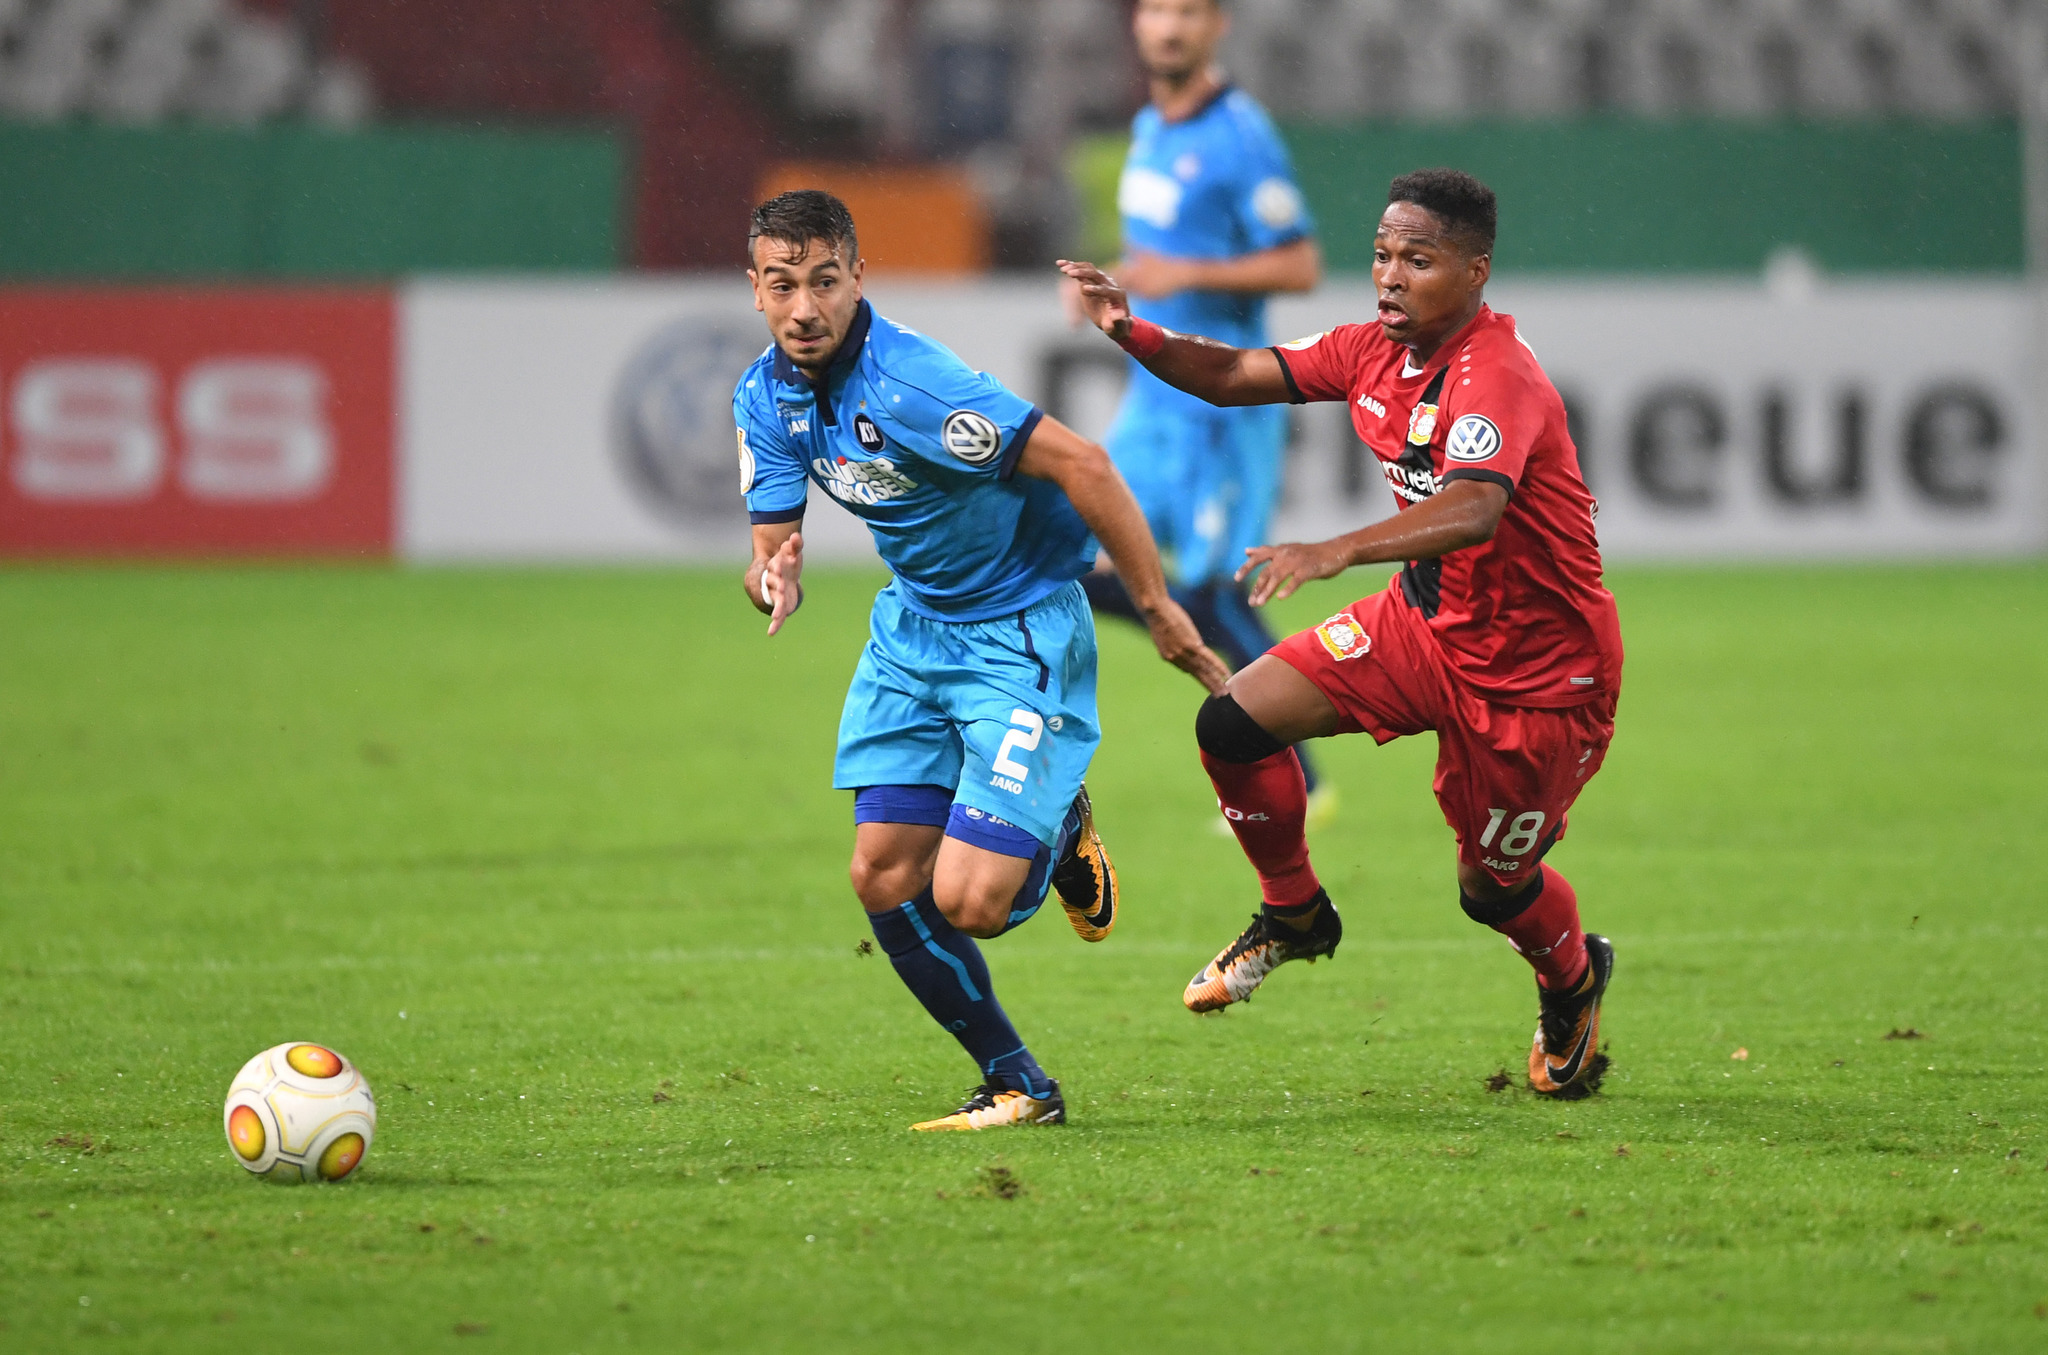 Der Karlsruher Burak Camoglu (links) und der Leverkusener Wendell kämpfen um den Ball.